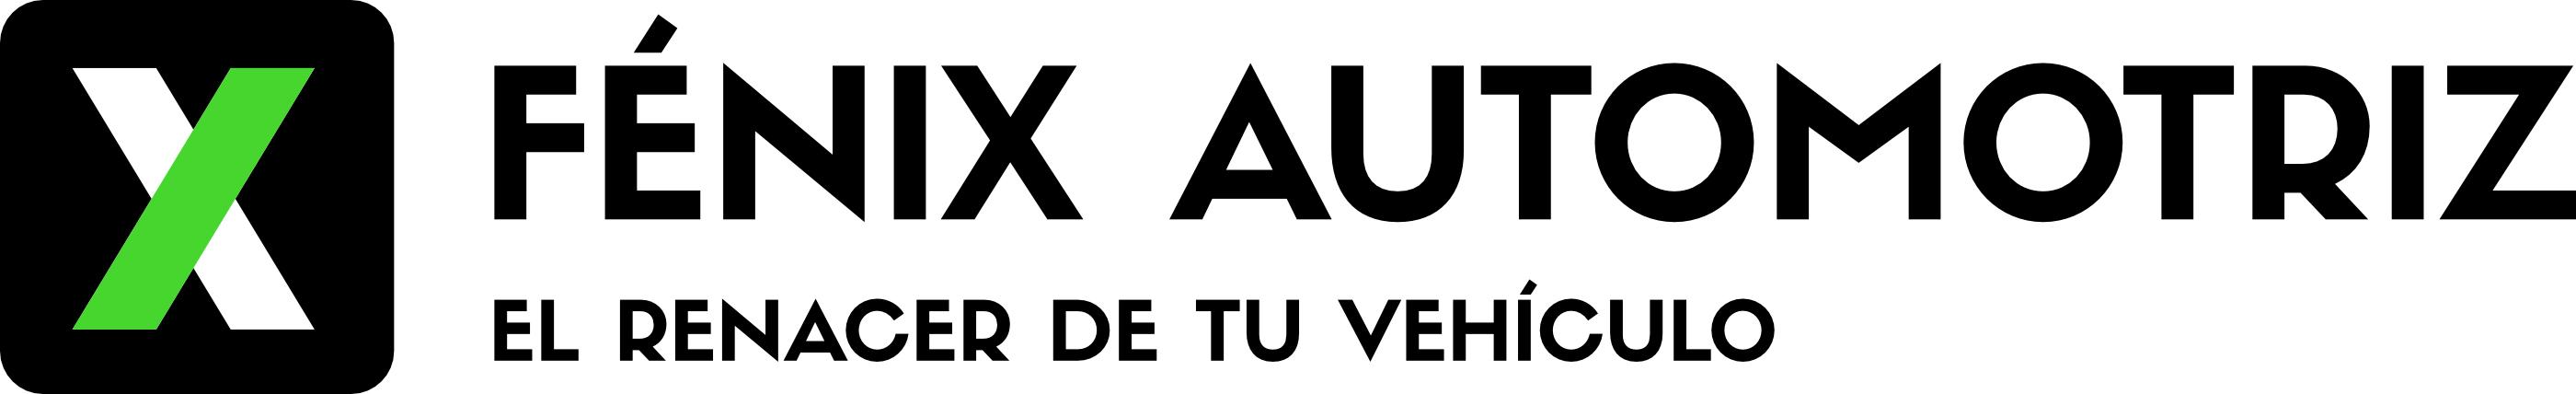 Fénix Automotriz - Desabolladura y Pintura